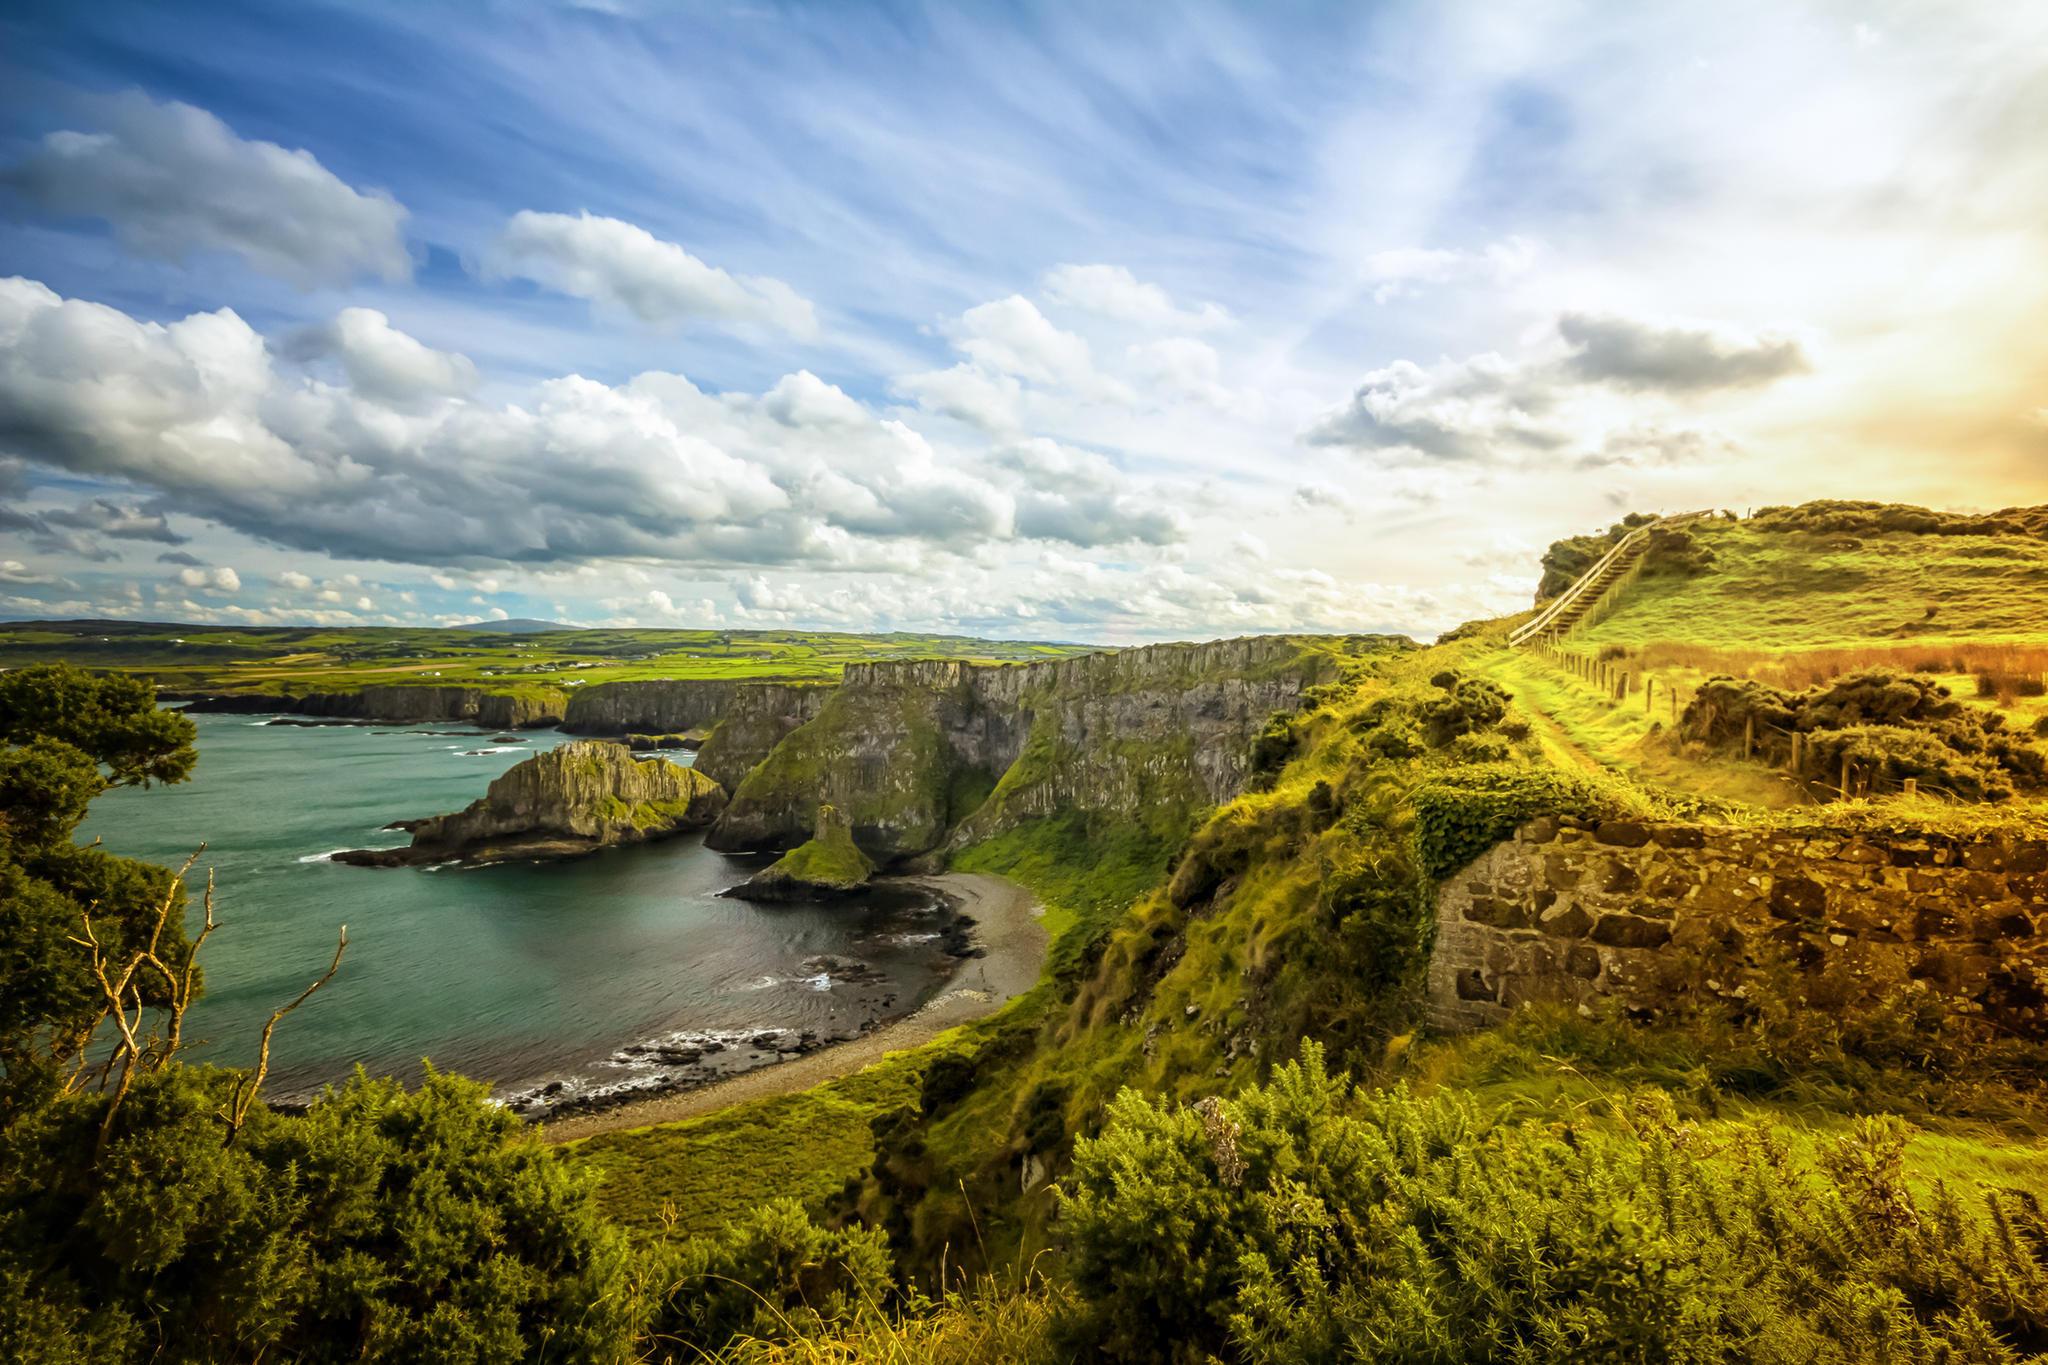 Irlands wunderschöne Landschaft lädt zum Träumen ein